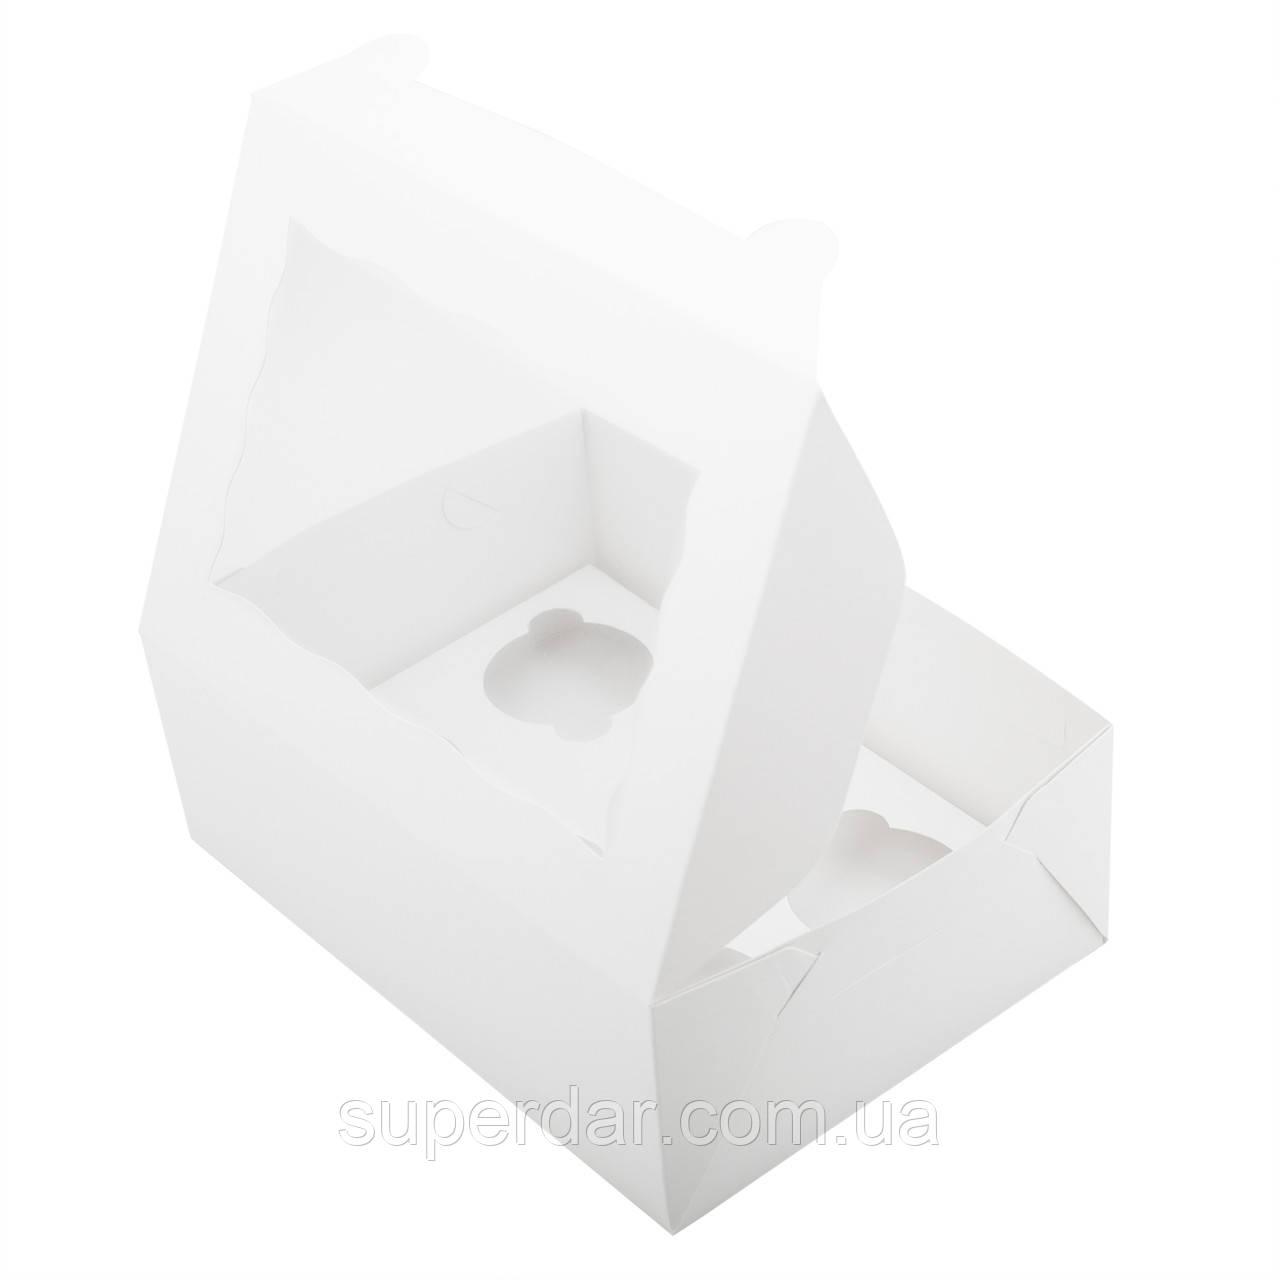 Коробка для 6 капкейков с окошком и со вставкой, самосборная 255х180х90 мм.